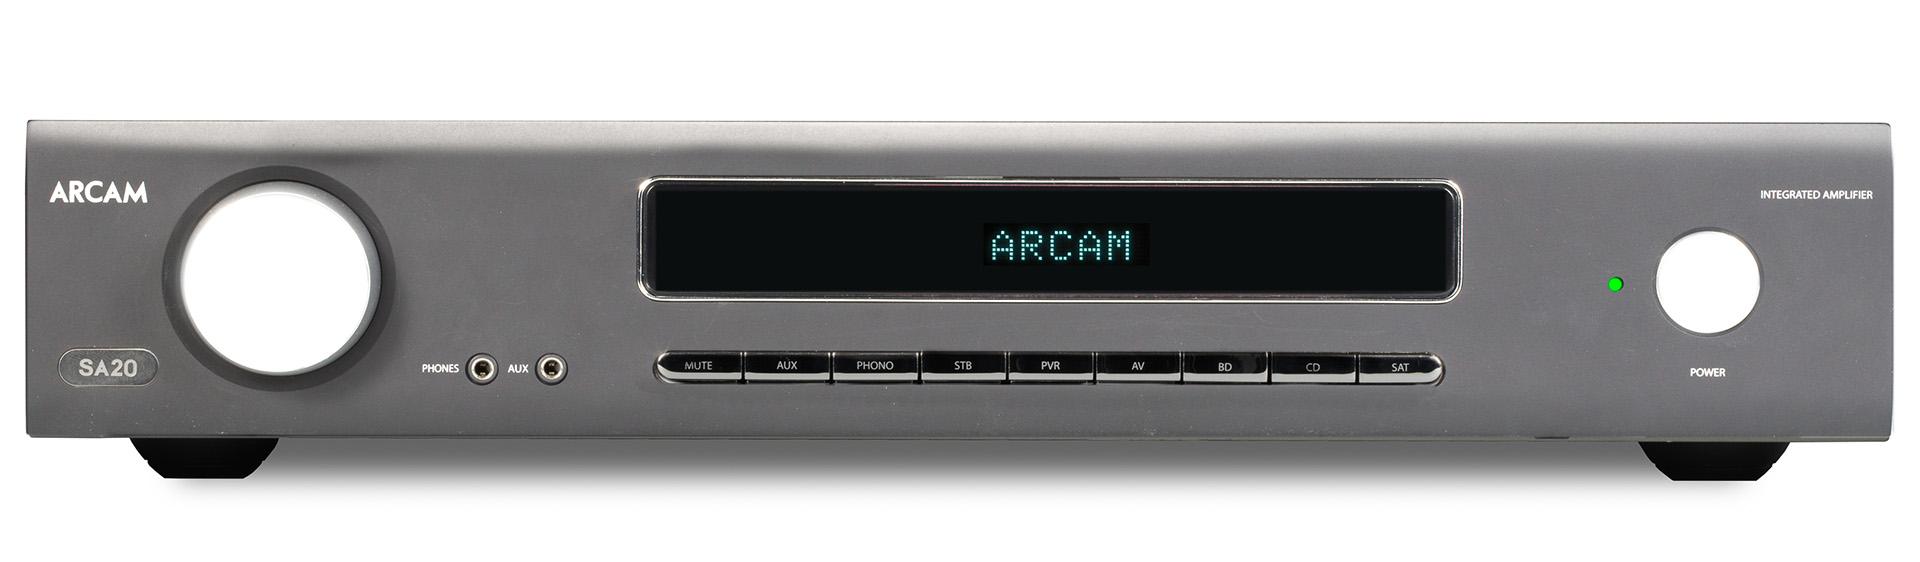 Дизайн фронтальных панелей аппаратов новой серии выглядит вполне современно, однако стиль Arcam узнайтся сразу